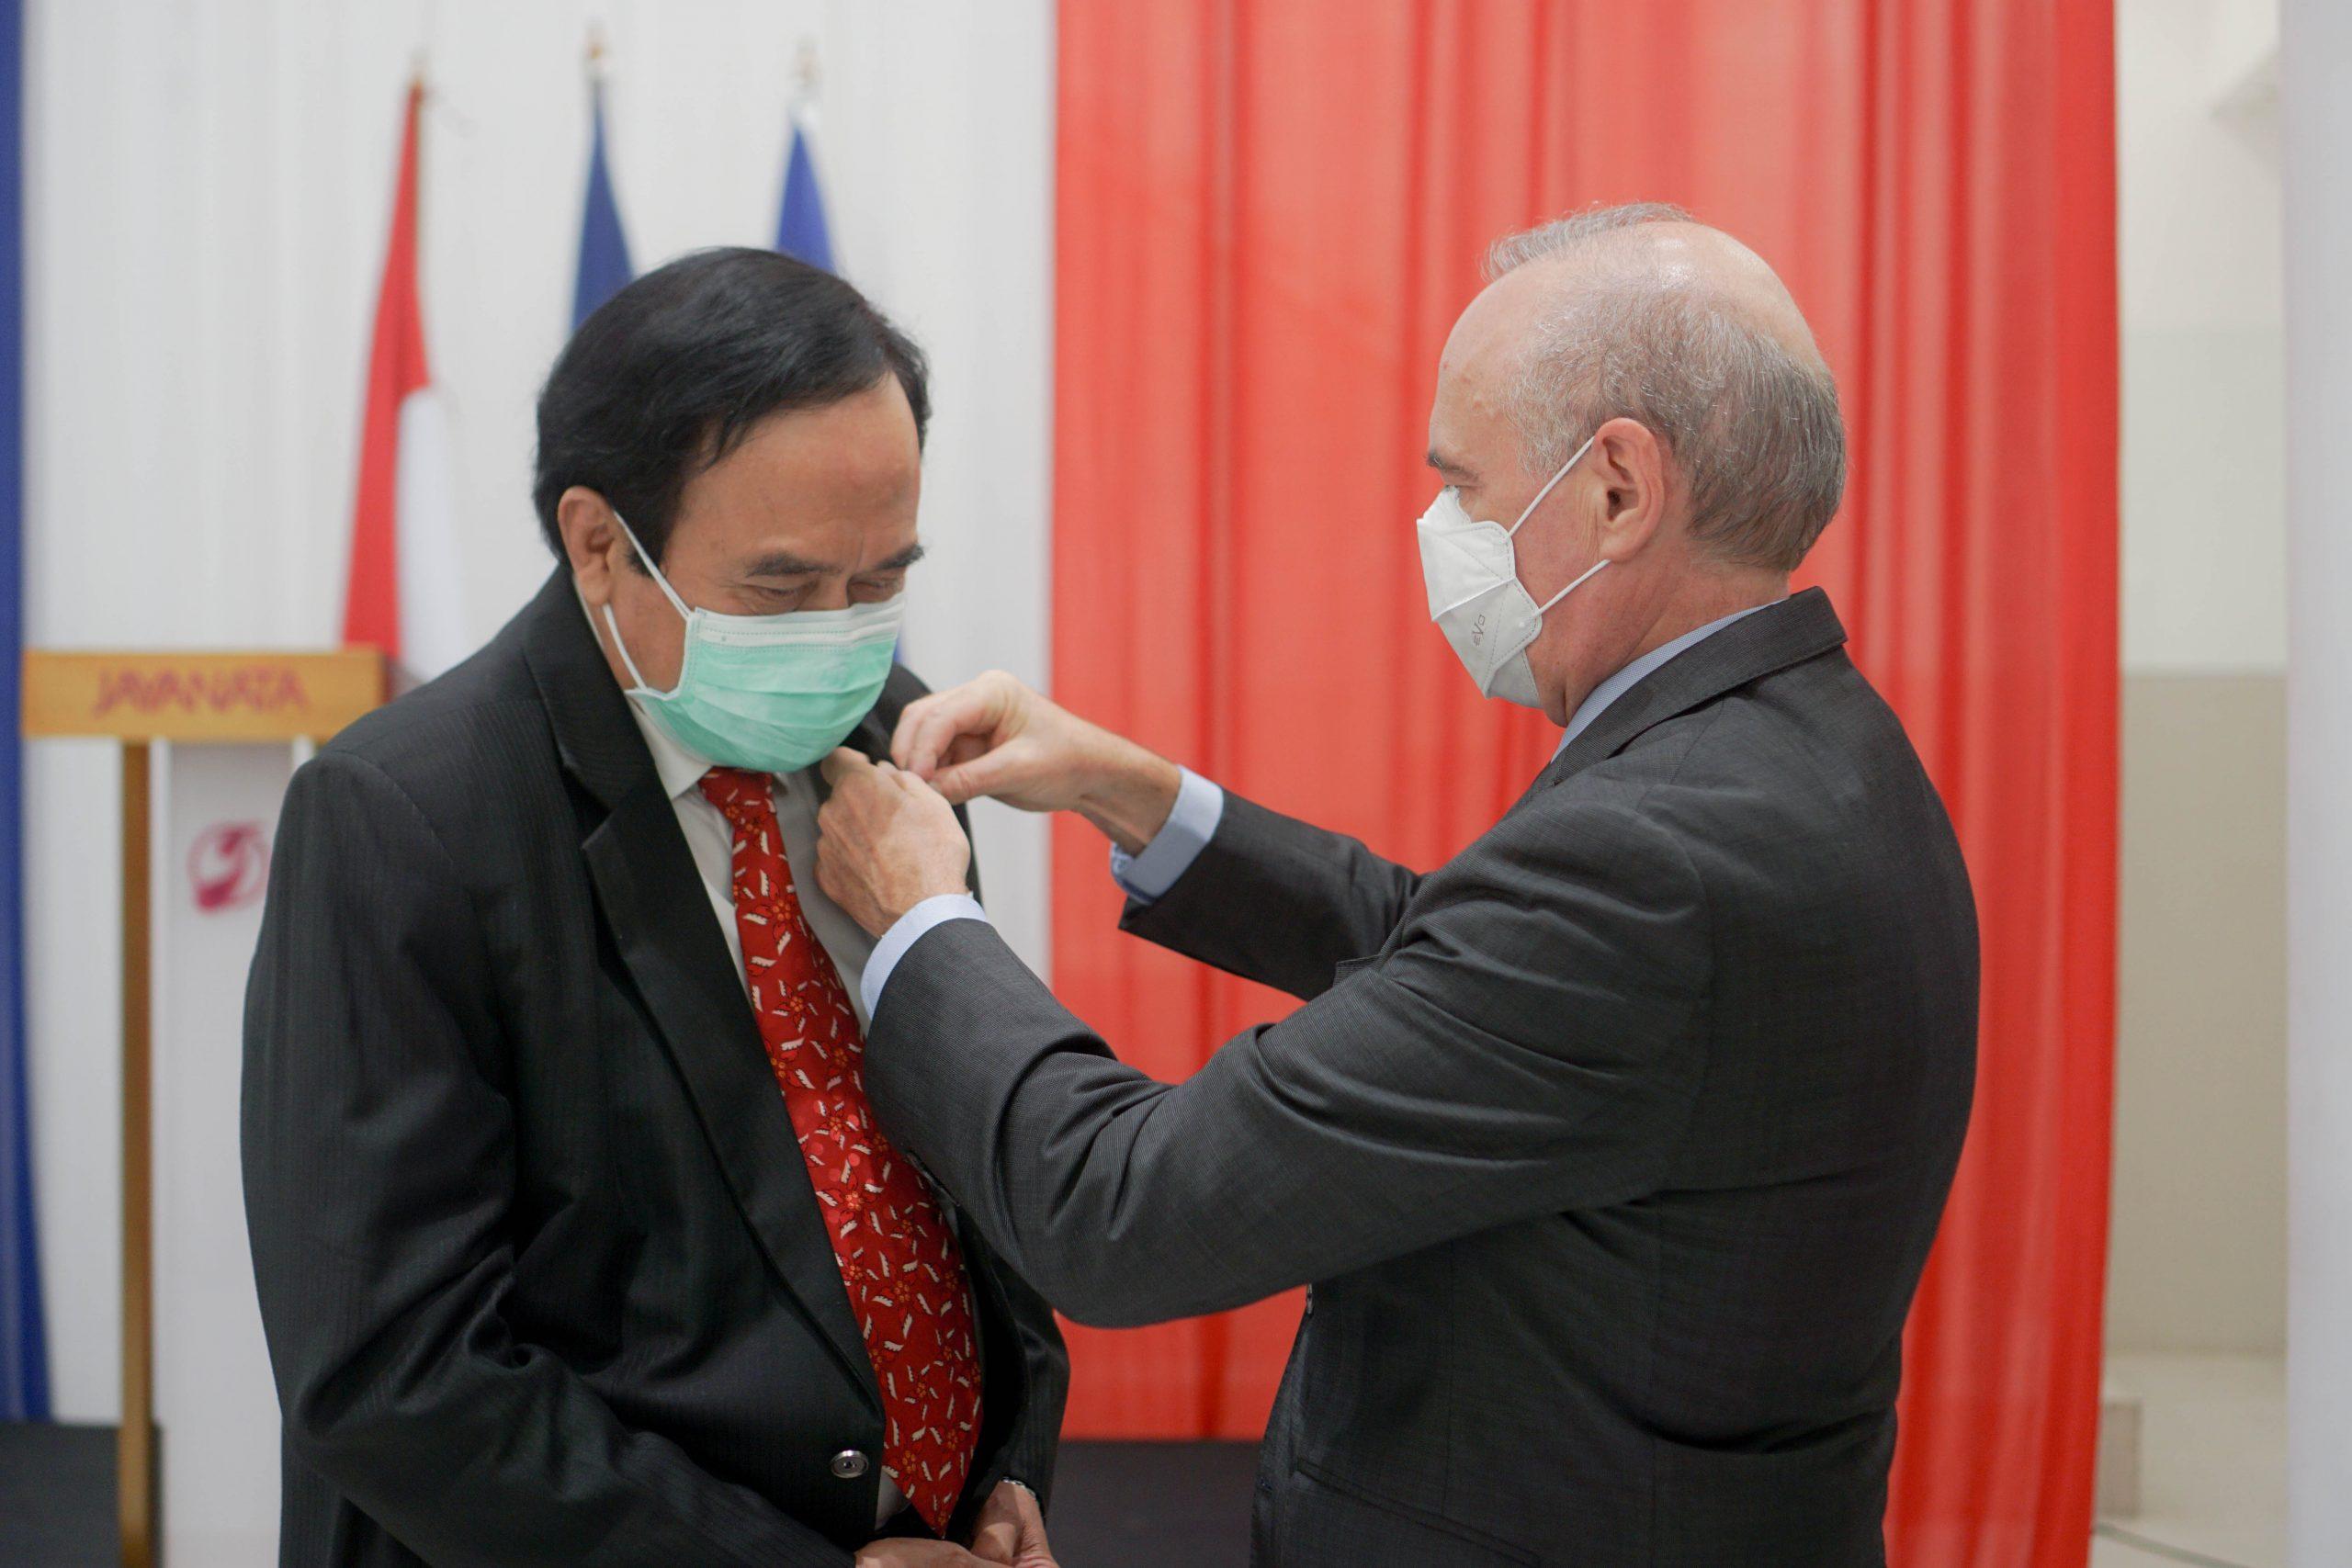 M. Olivier Chambard (Ambassadeur de France en Indonésie) remet le Mérite agricole à M. I Komang Wiarsa Sardjana, (Doctorat de l'Université de Rennes), médecin vétérinaire, Professeur à l'Université Airlangga